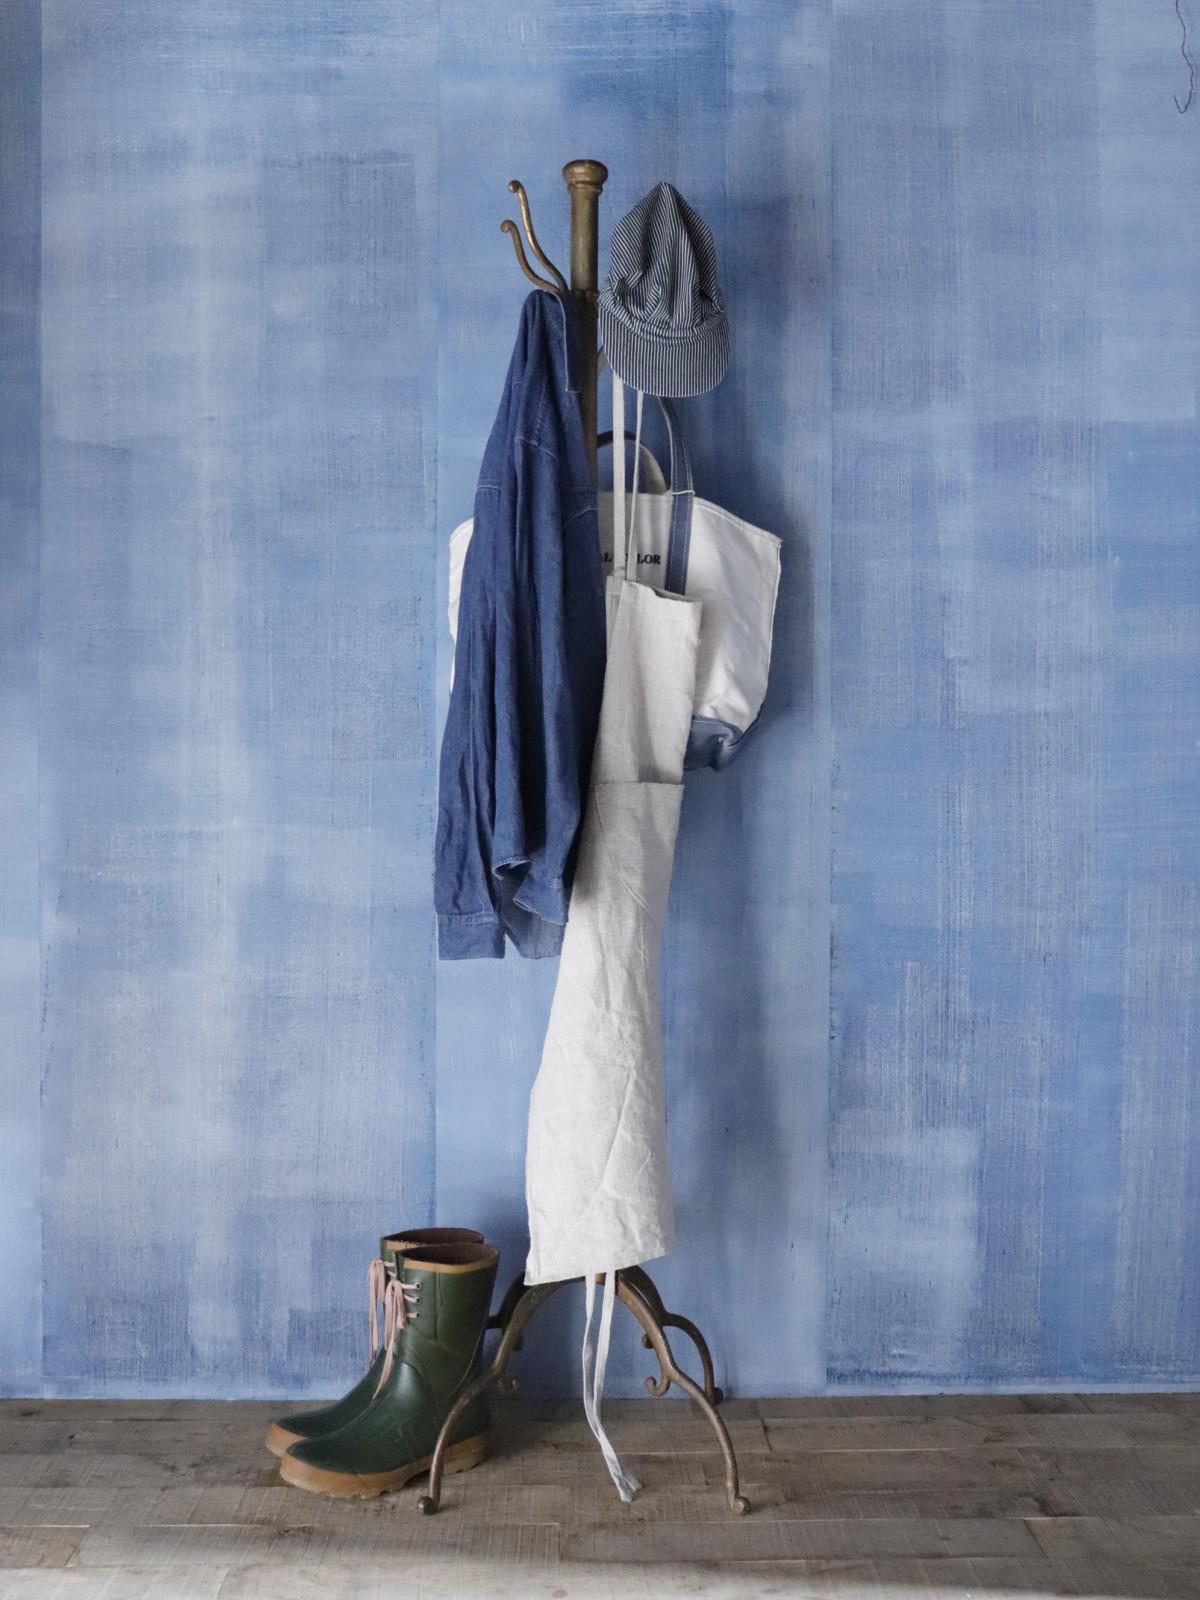 Metal , coat hanger rack, USA